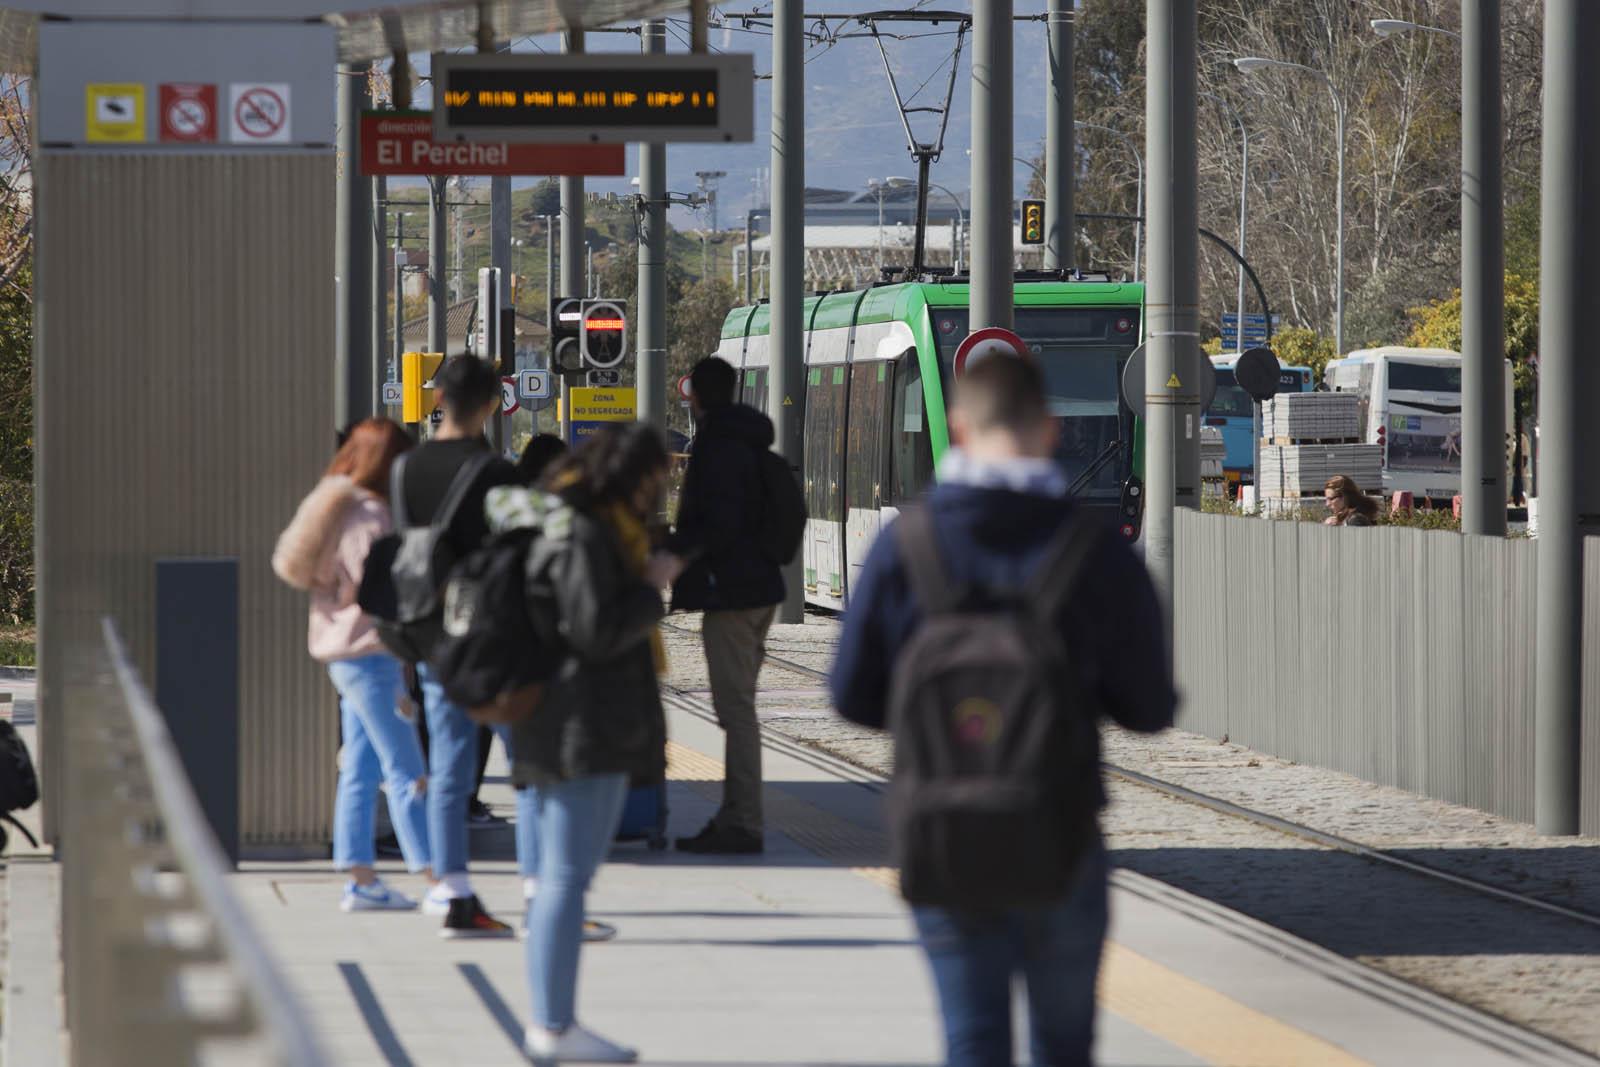 Usuarios de Metro de Metro de Málaga a la espera de poder acceder al servicio.